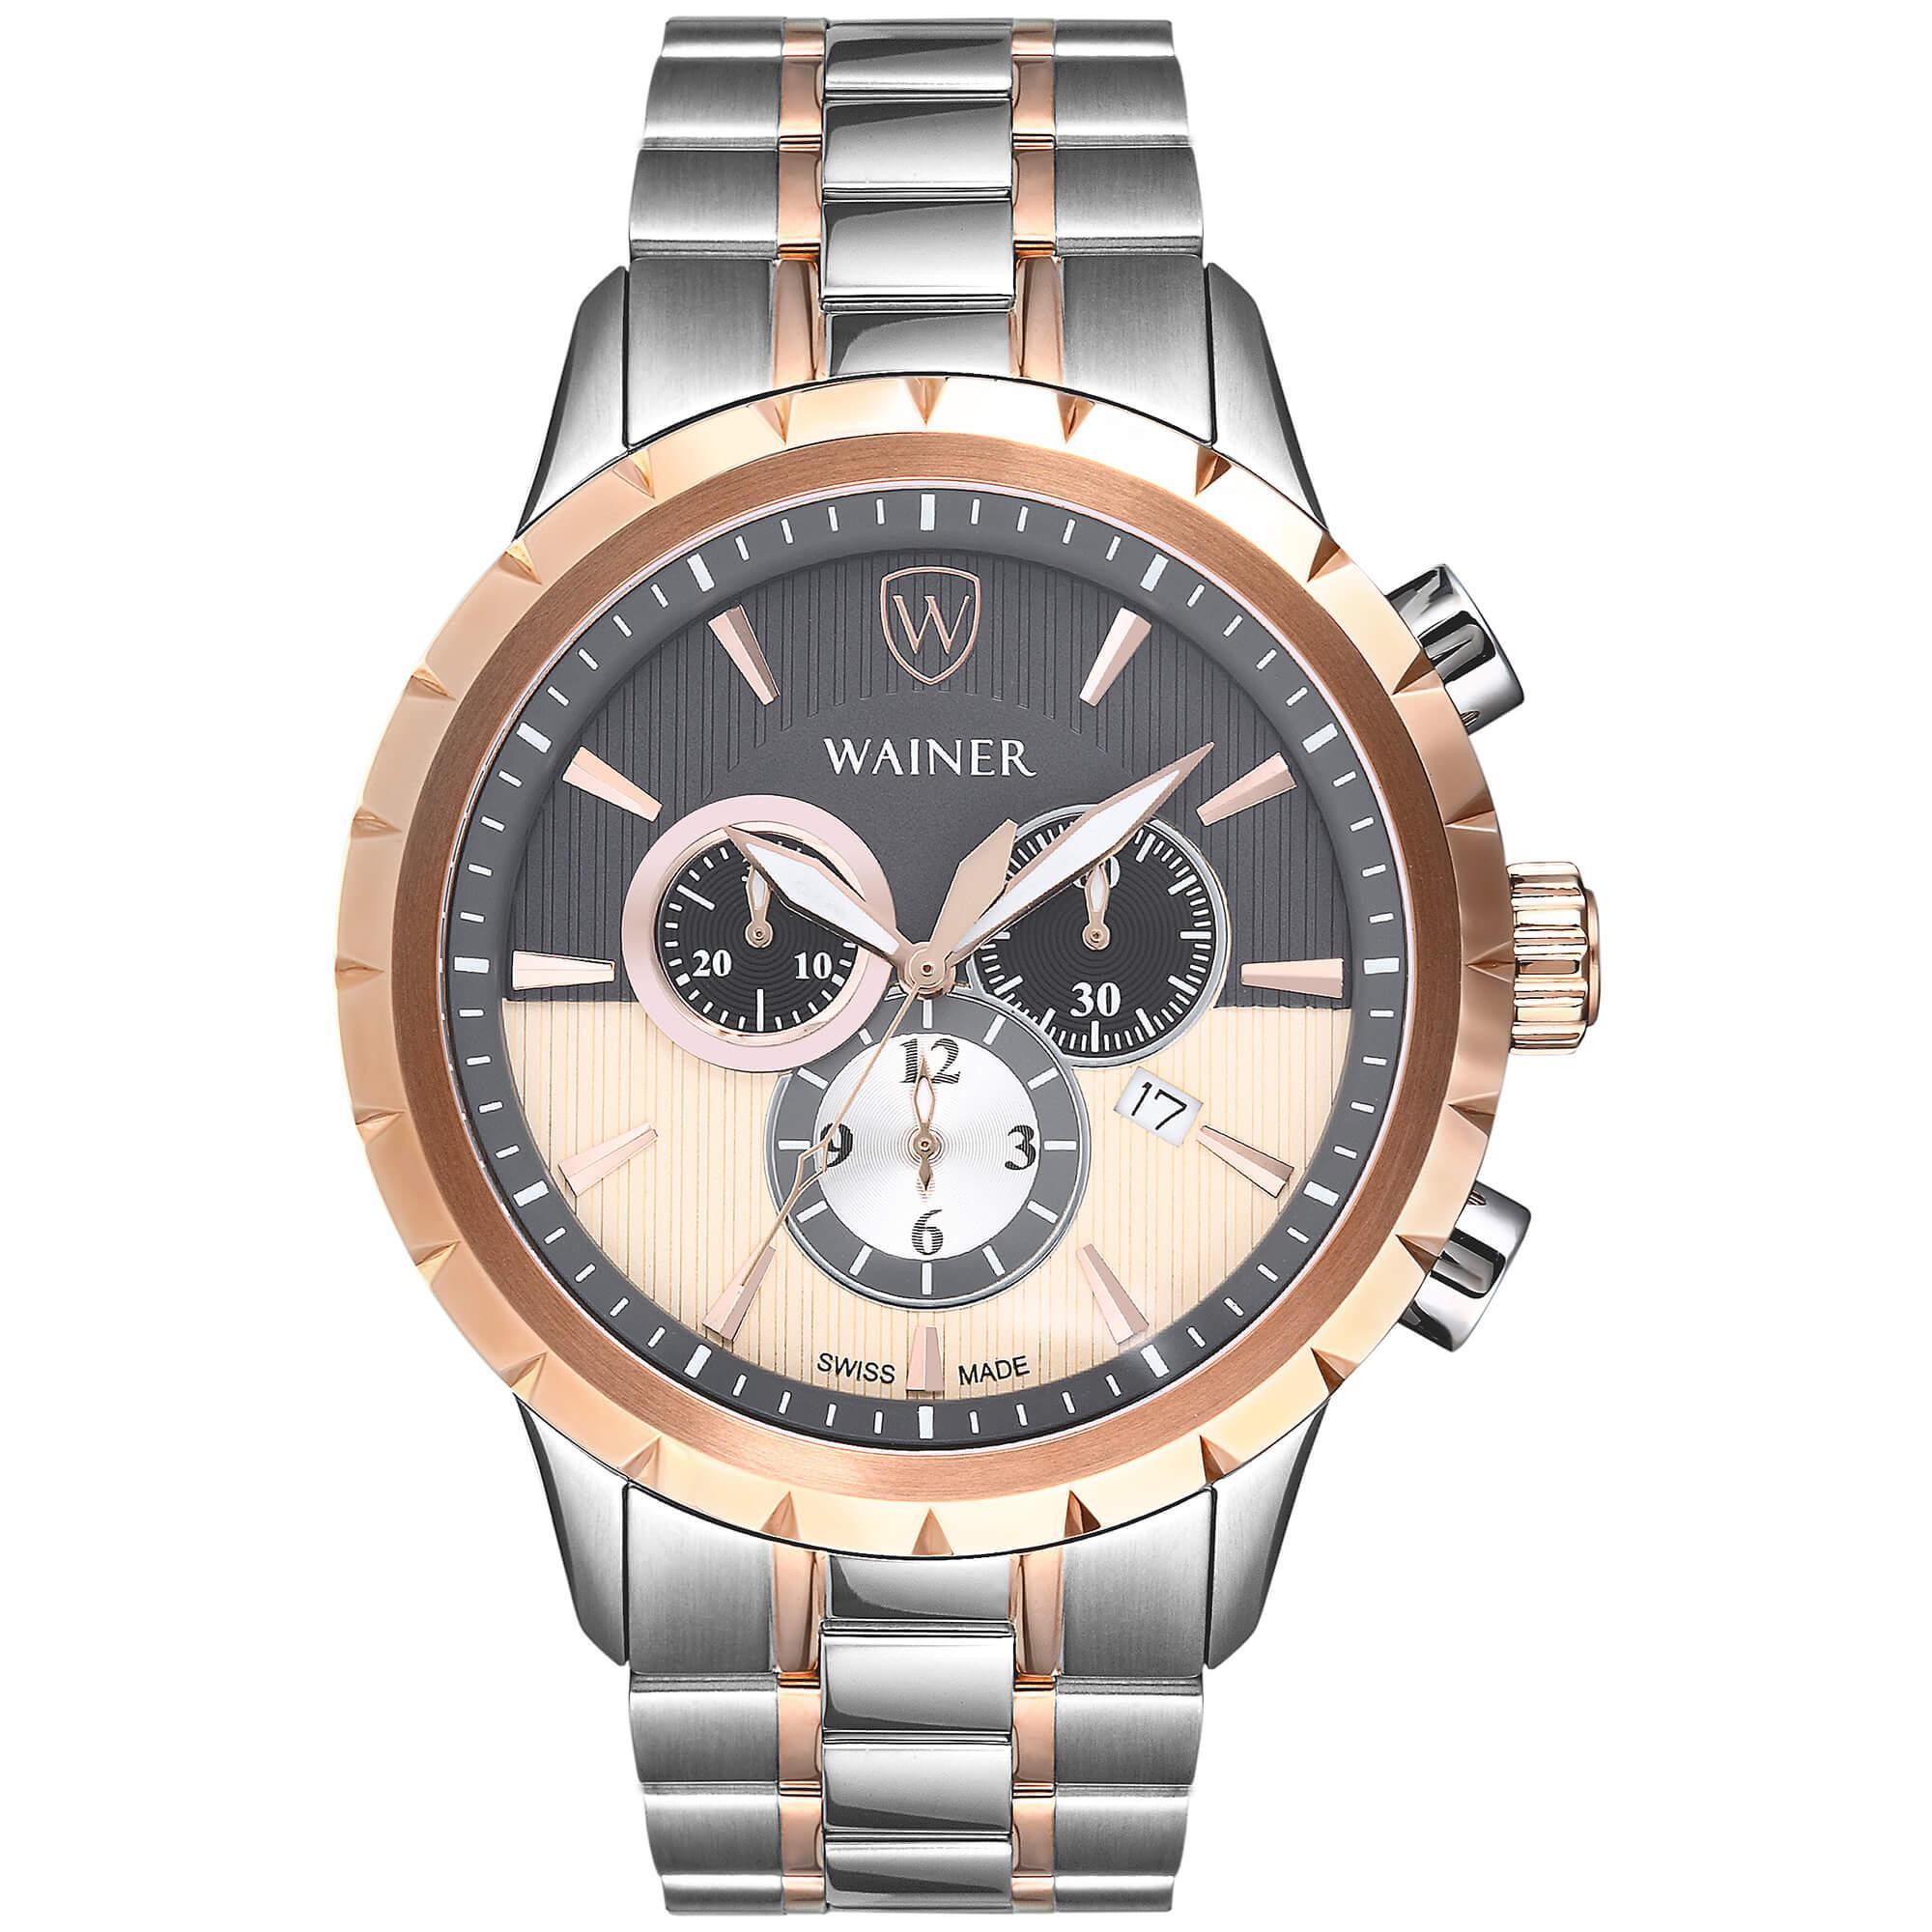 WAINER WA.12445-C